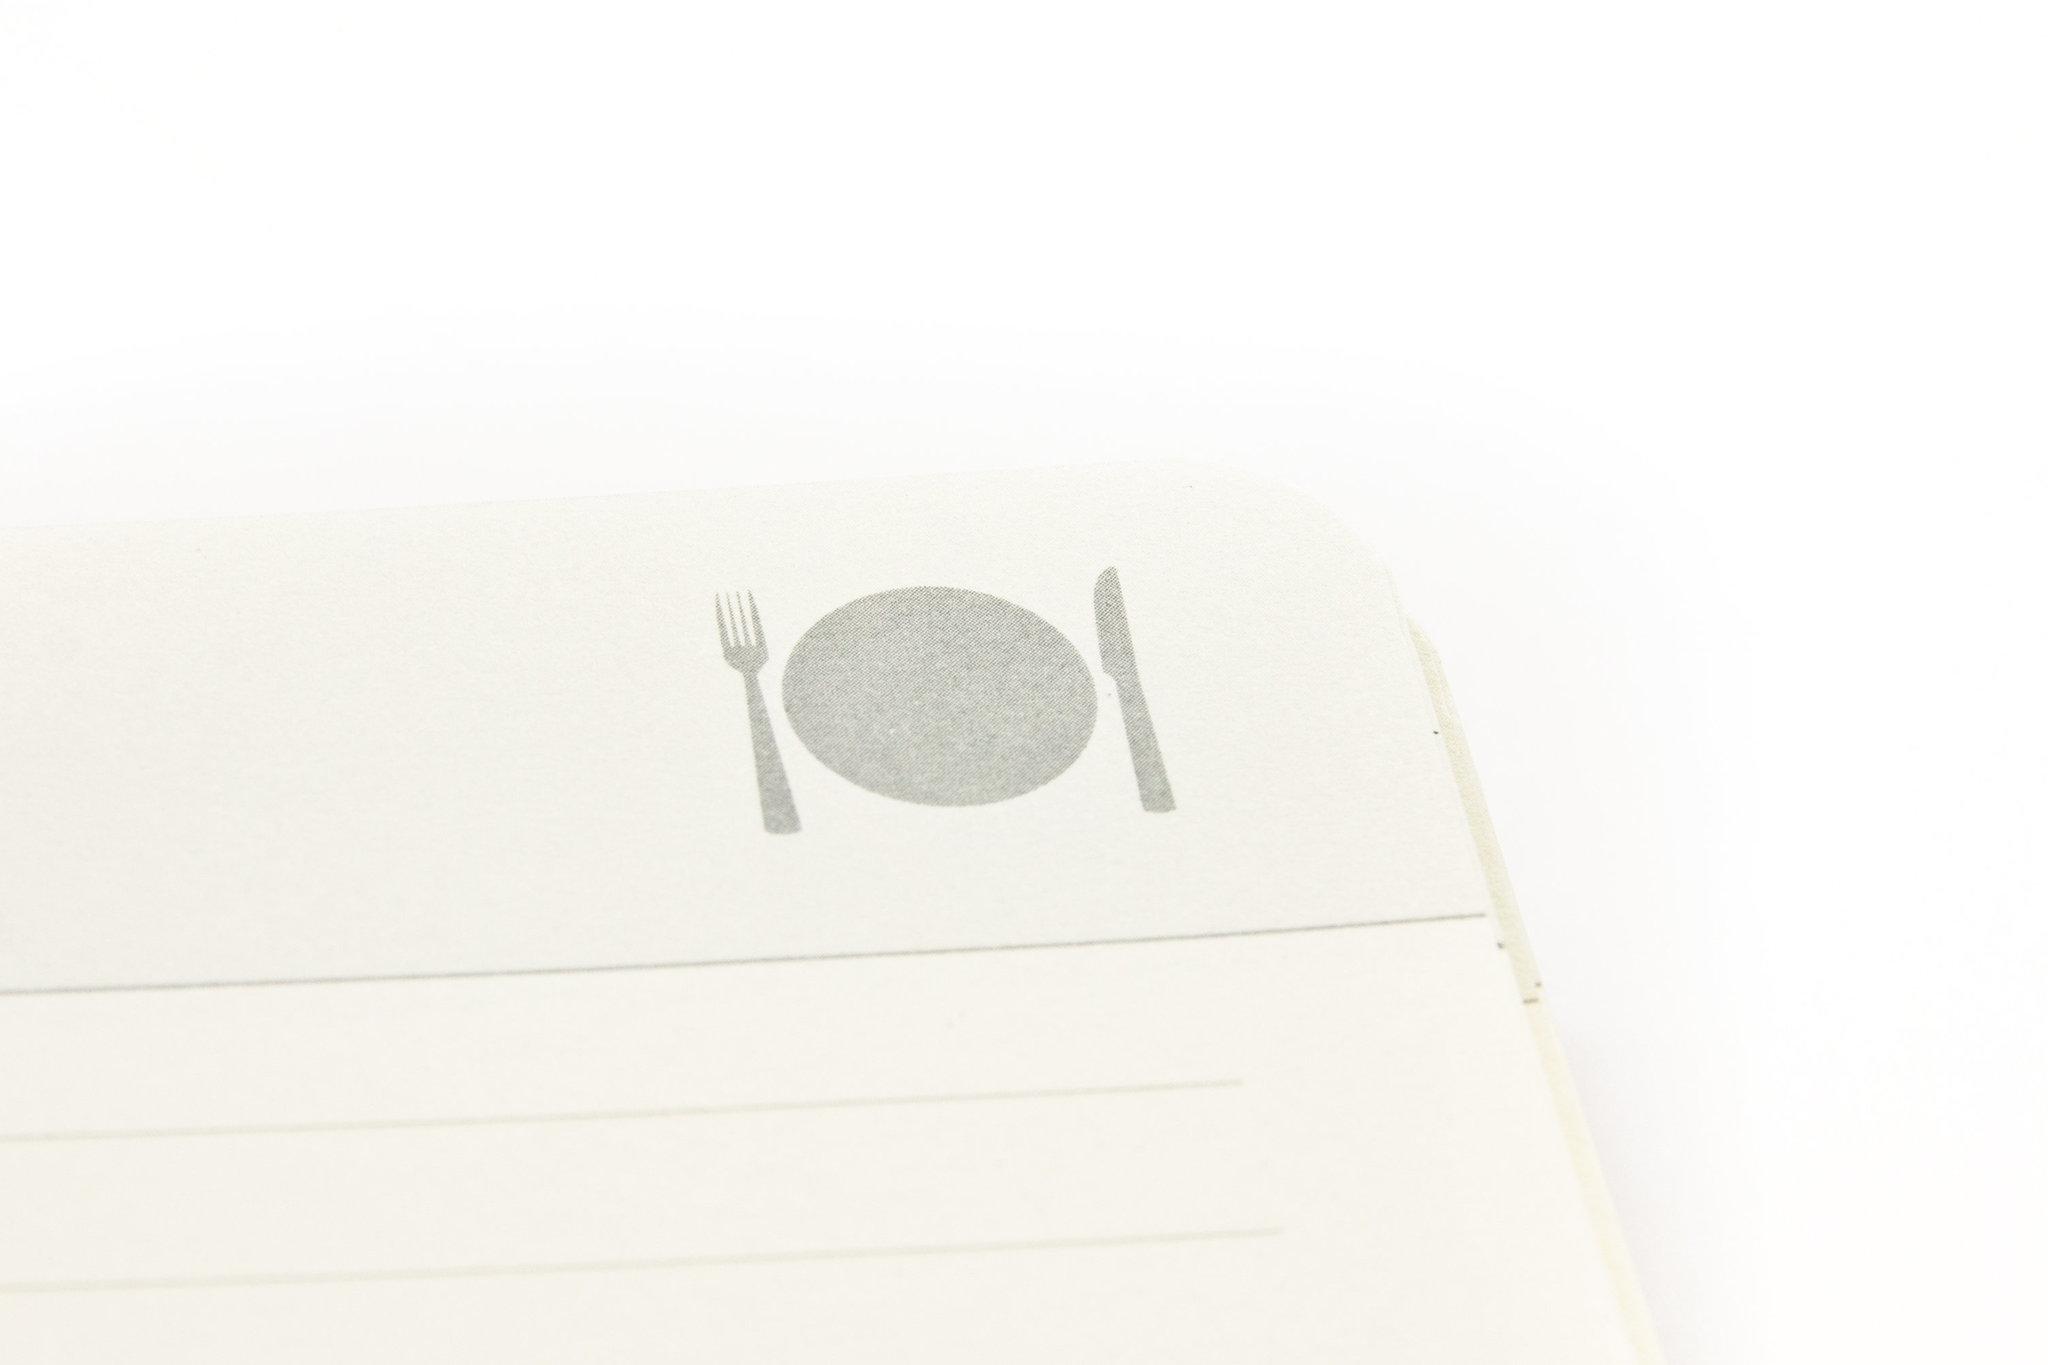 Журнал путешественника My travel синий в подарочной упаковке Suck UK SK MYTRAVEL1 | Купить в Москве, СПб и с доставкой по всей России | Интернет магазин www.Kitchen-Devices.ru